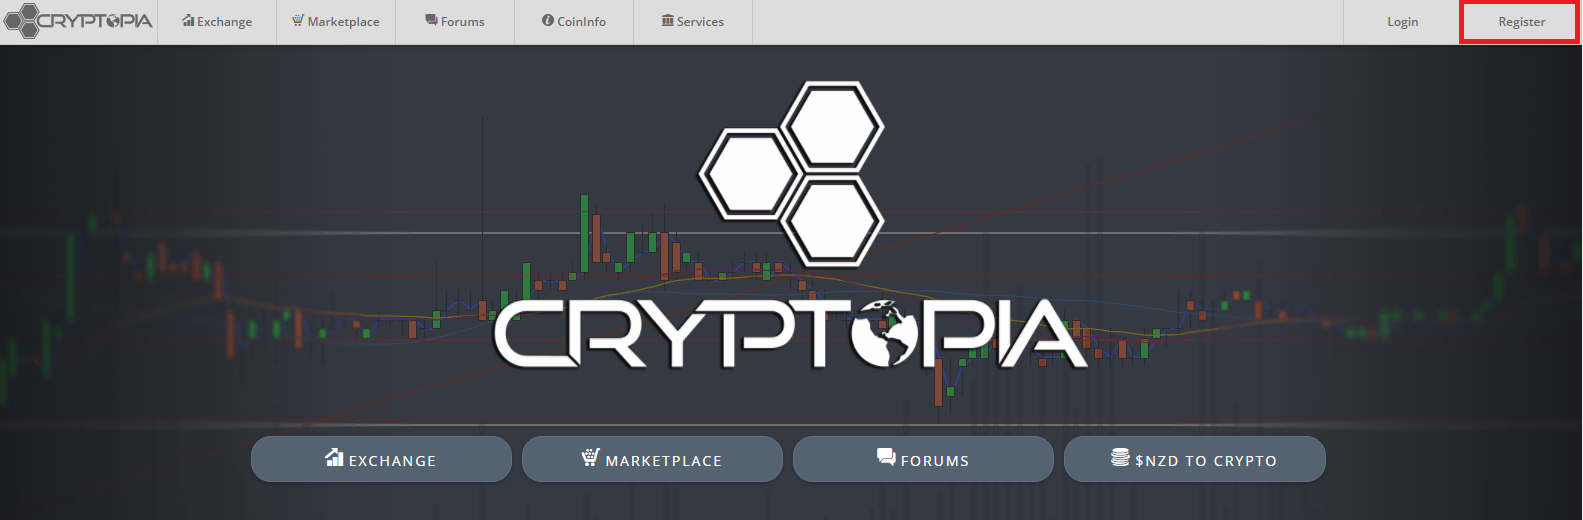 Registeren bij Cryptopia